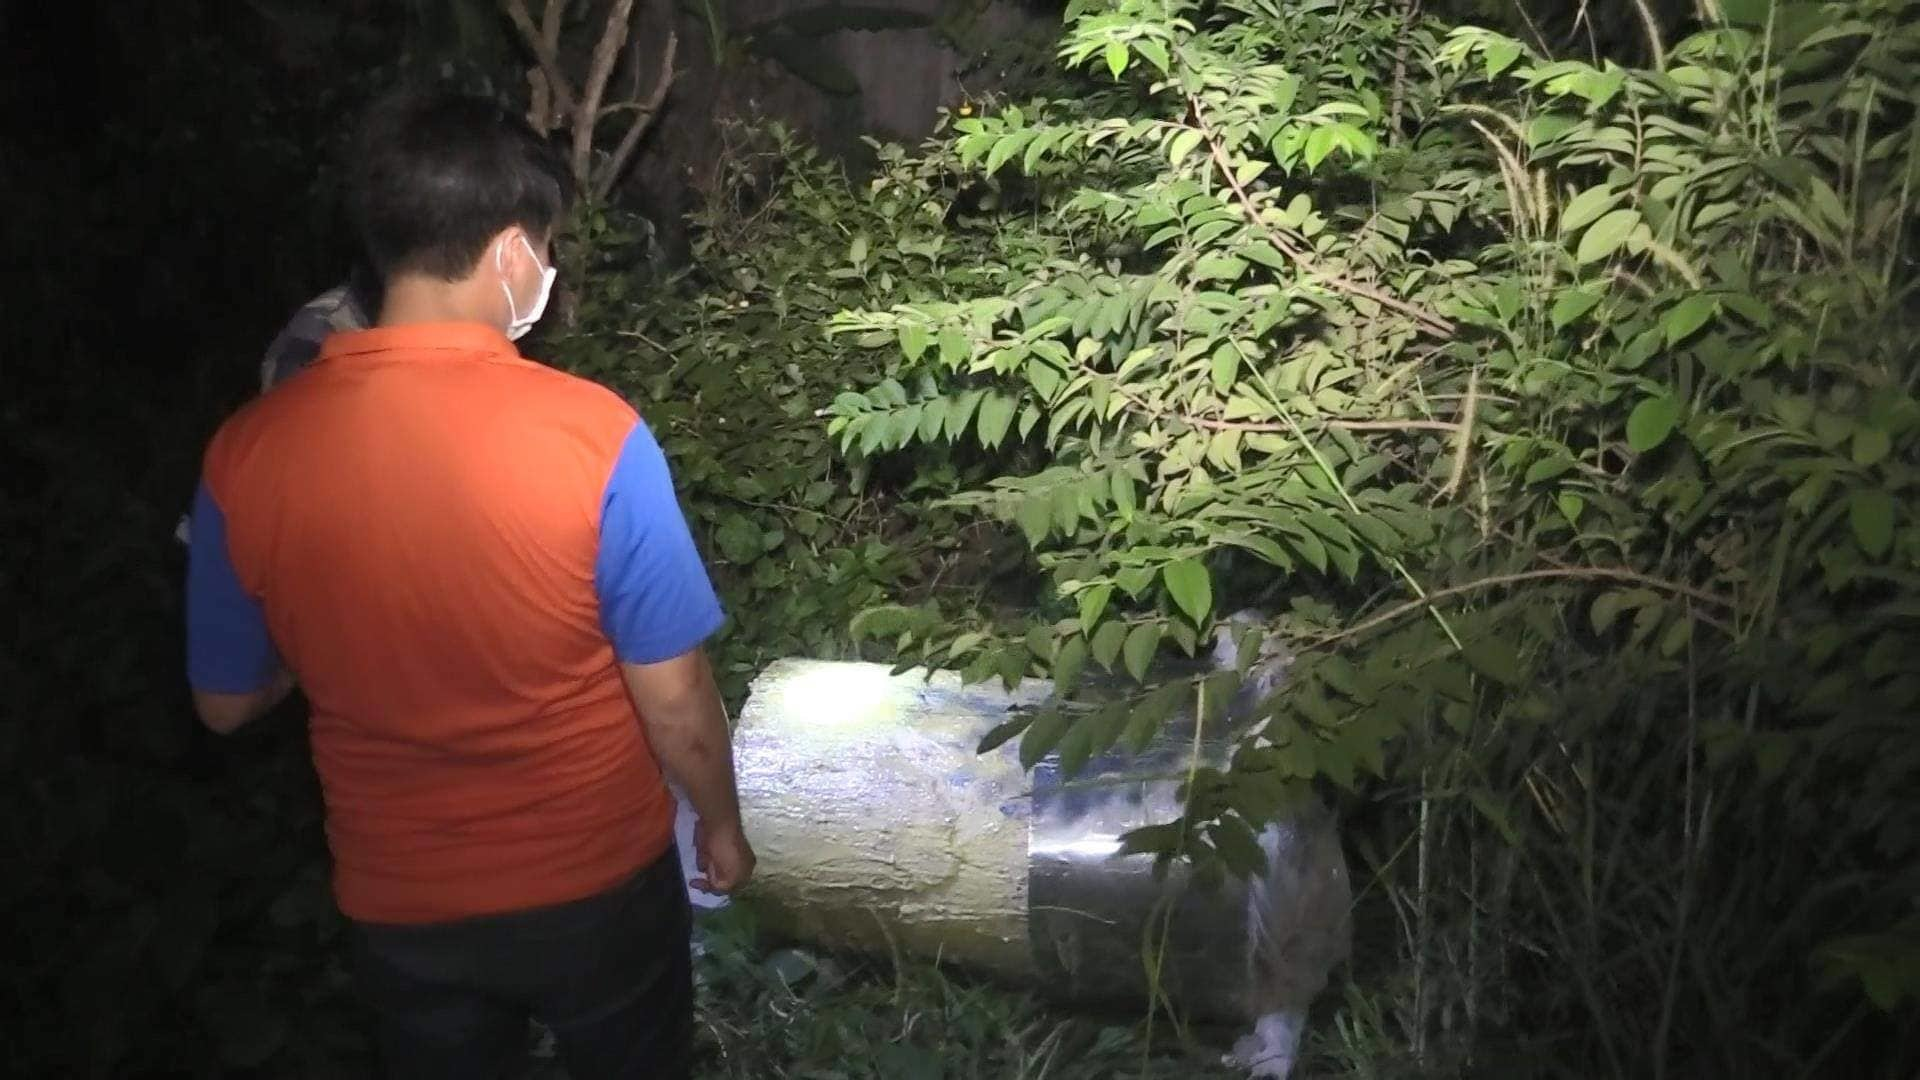 Khởi tố vụ 2 xác người trong thùng bê tông tại Bình Dương - Hình 1